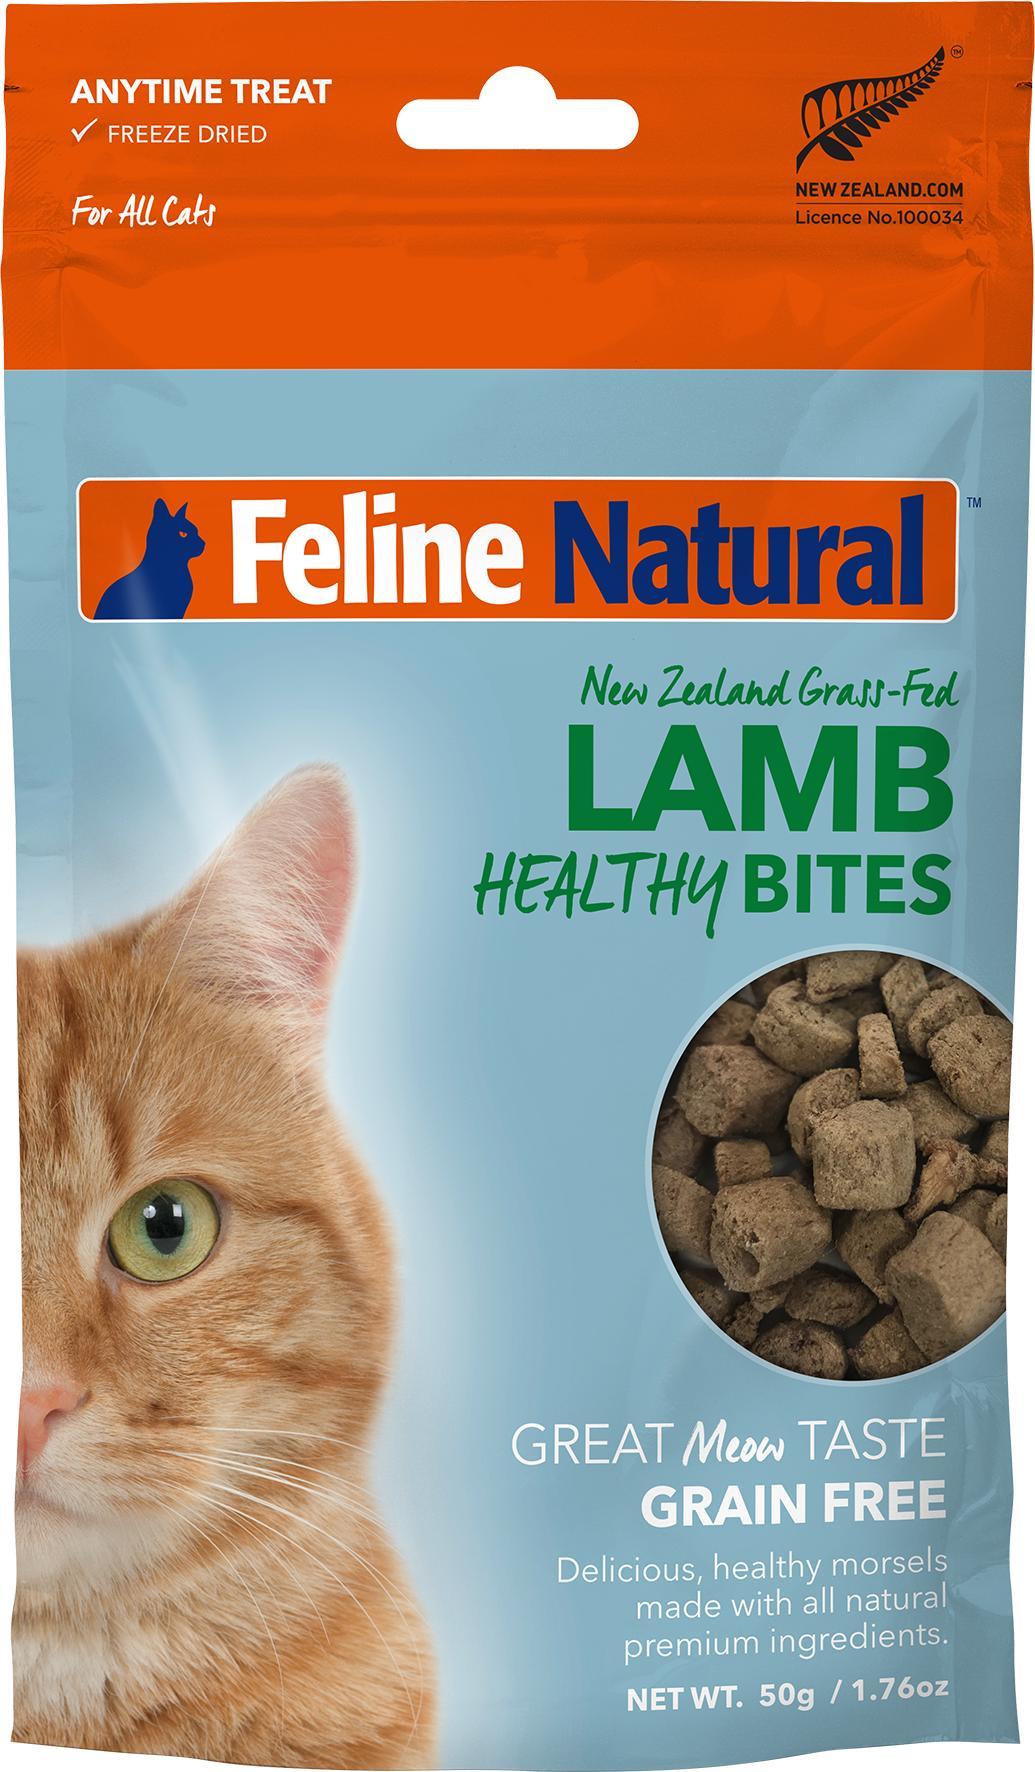 Feline Natural Healthy Bites Lamb Freeze-Dried Cat Treats, 1.76-oz